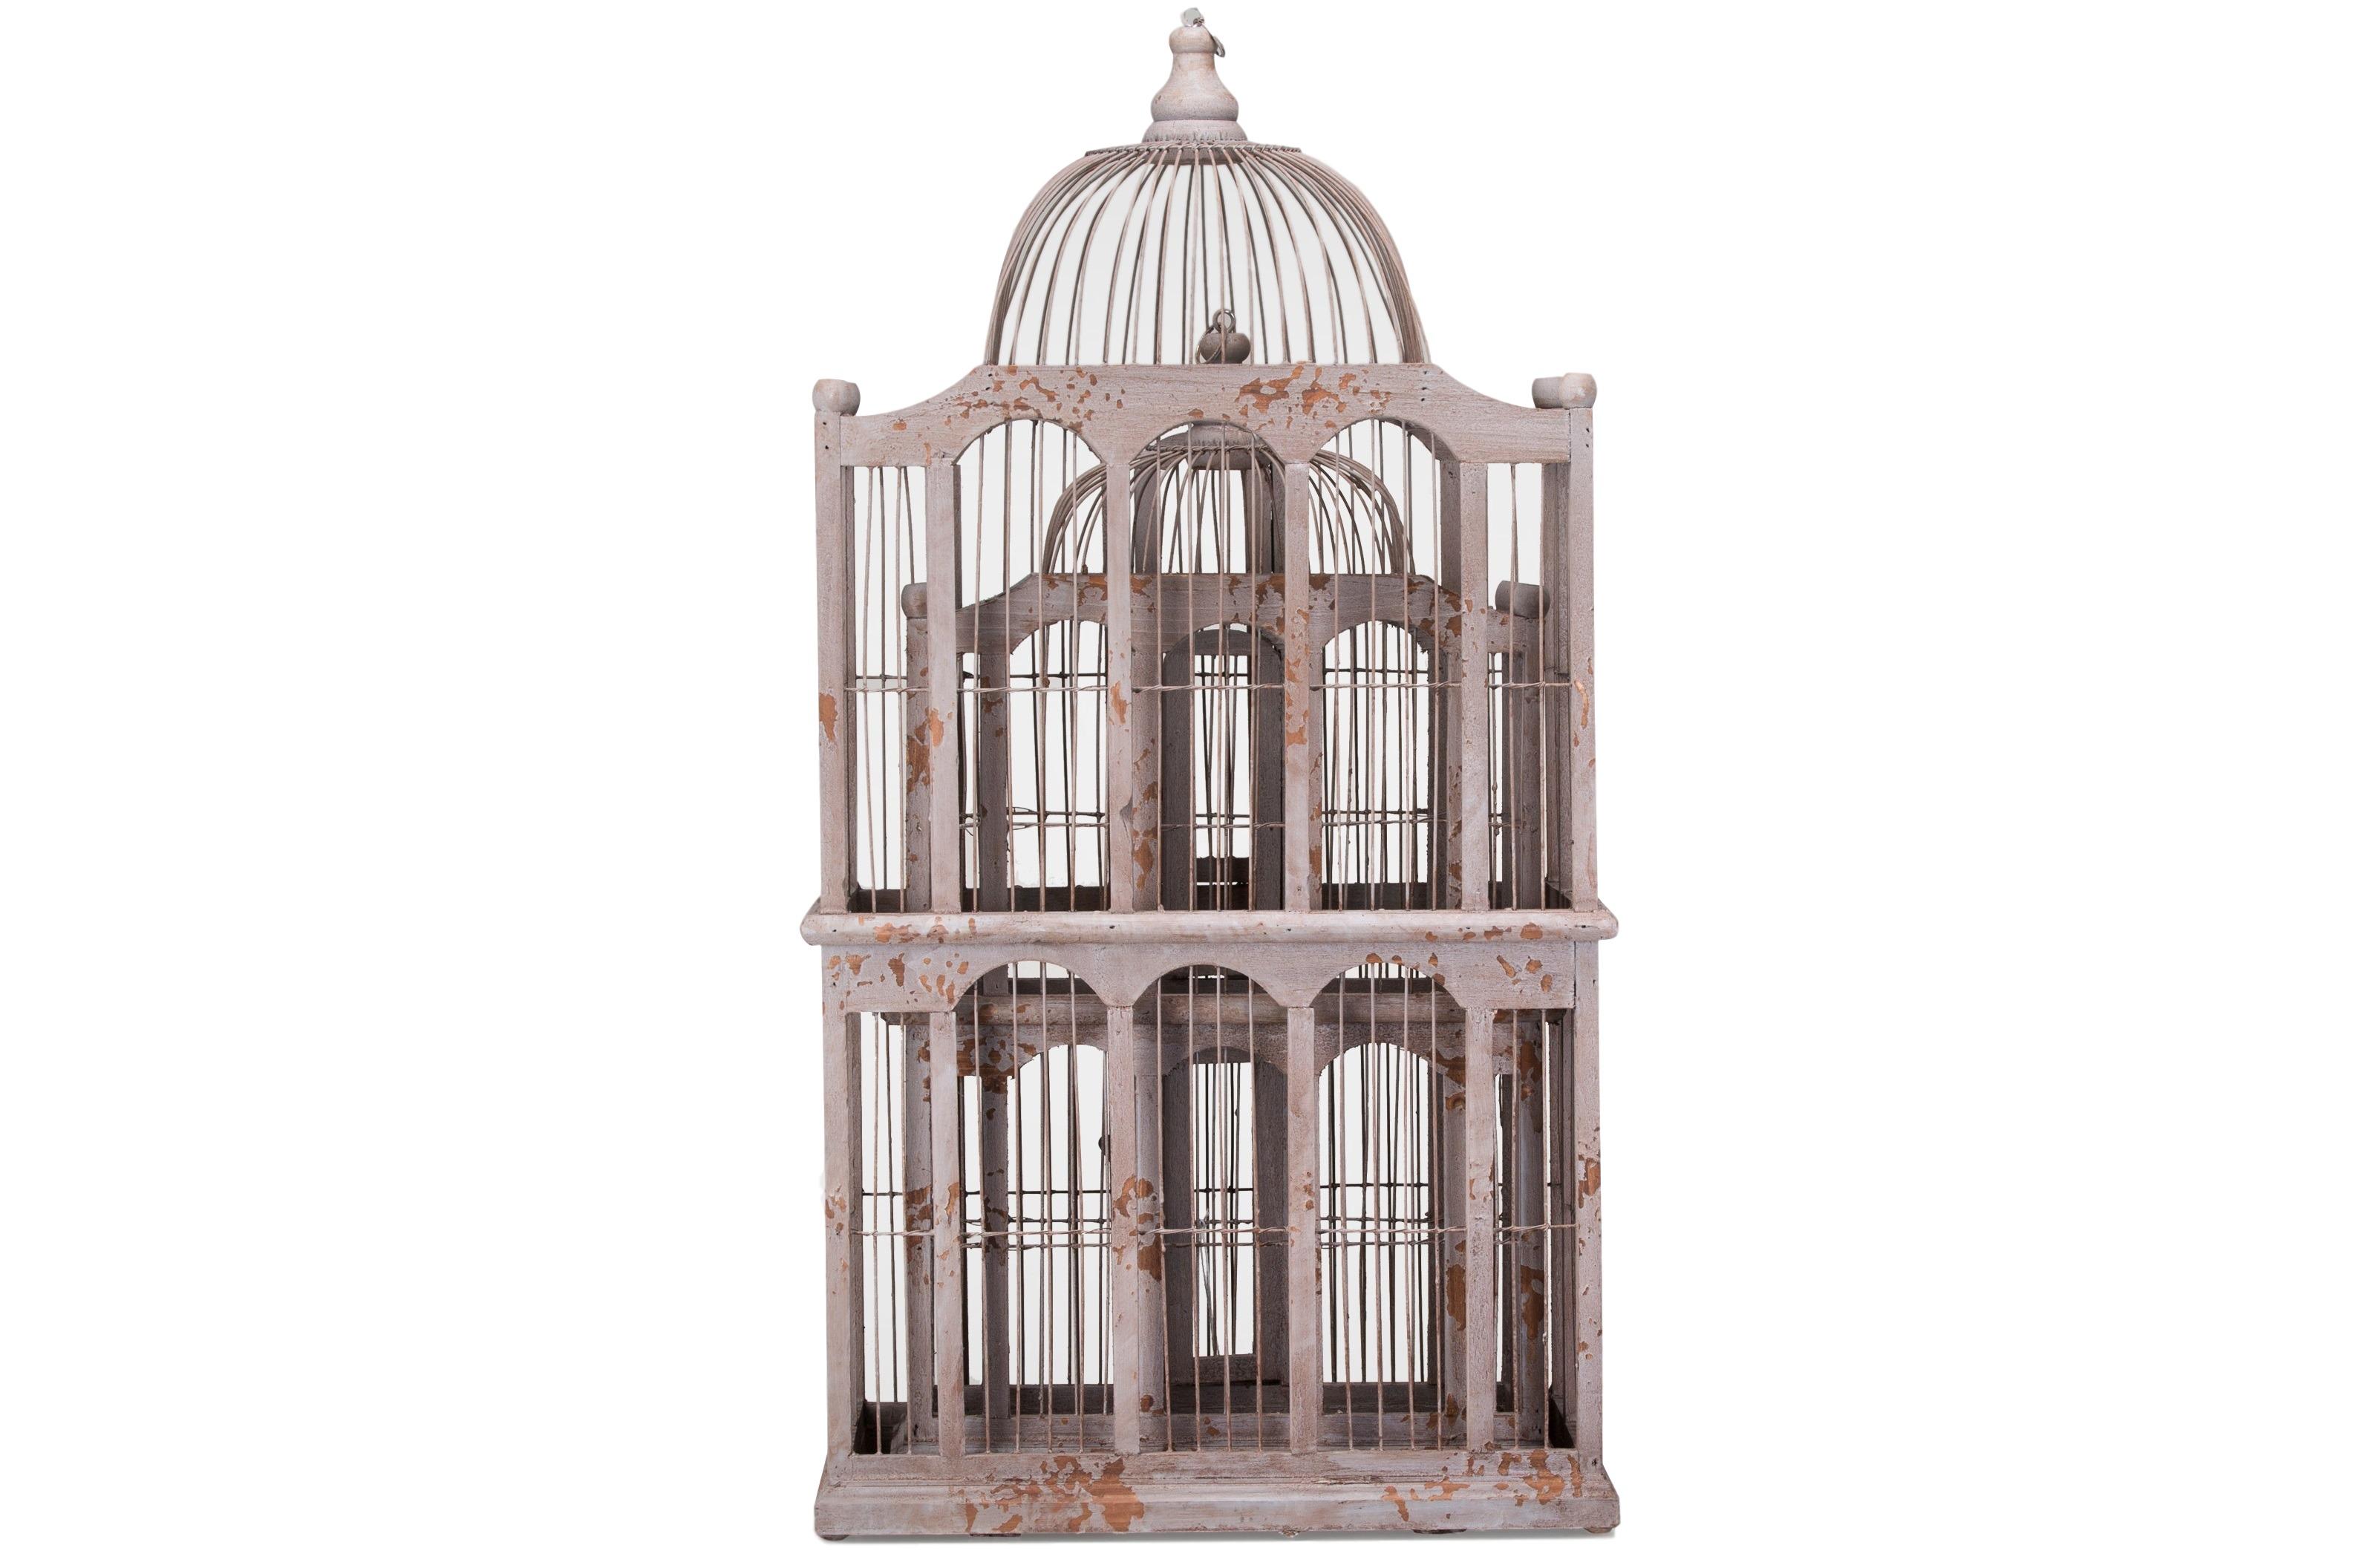 Комплект декоративных клеток (2шт)Декоративные клетки<br>Комплект состаренных декоративных клеток, в комплекте 2 клетки разного размера.&amp;lt;div&amp;gt;&amp;lt;br&amp;gt;&amp;lt;/div&amp;gt;&amp;lt;div&amp;gt;Размеры:&amp;lt;/div&amp;gt;&amp;lt;div&amp;gt;&amp;lt;div&amp;gt;1) 41x76x25,4 см.&amp;lt;/div&amp;gt;&amp;lt;div&amp;gt;2) 36x61x18 см.&amp;lt;/div&amp;gt;&amp;lt;/div&amp;gt;<br><br>Material: Металл<br>Width см: 41<br>Depth см: 25<br>Height см: 76